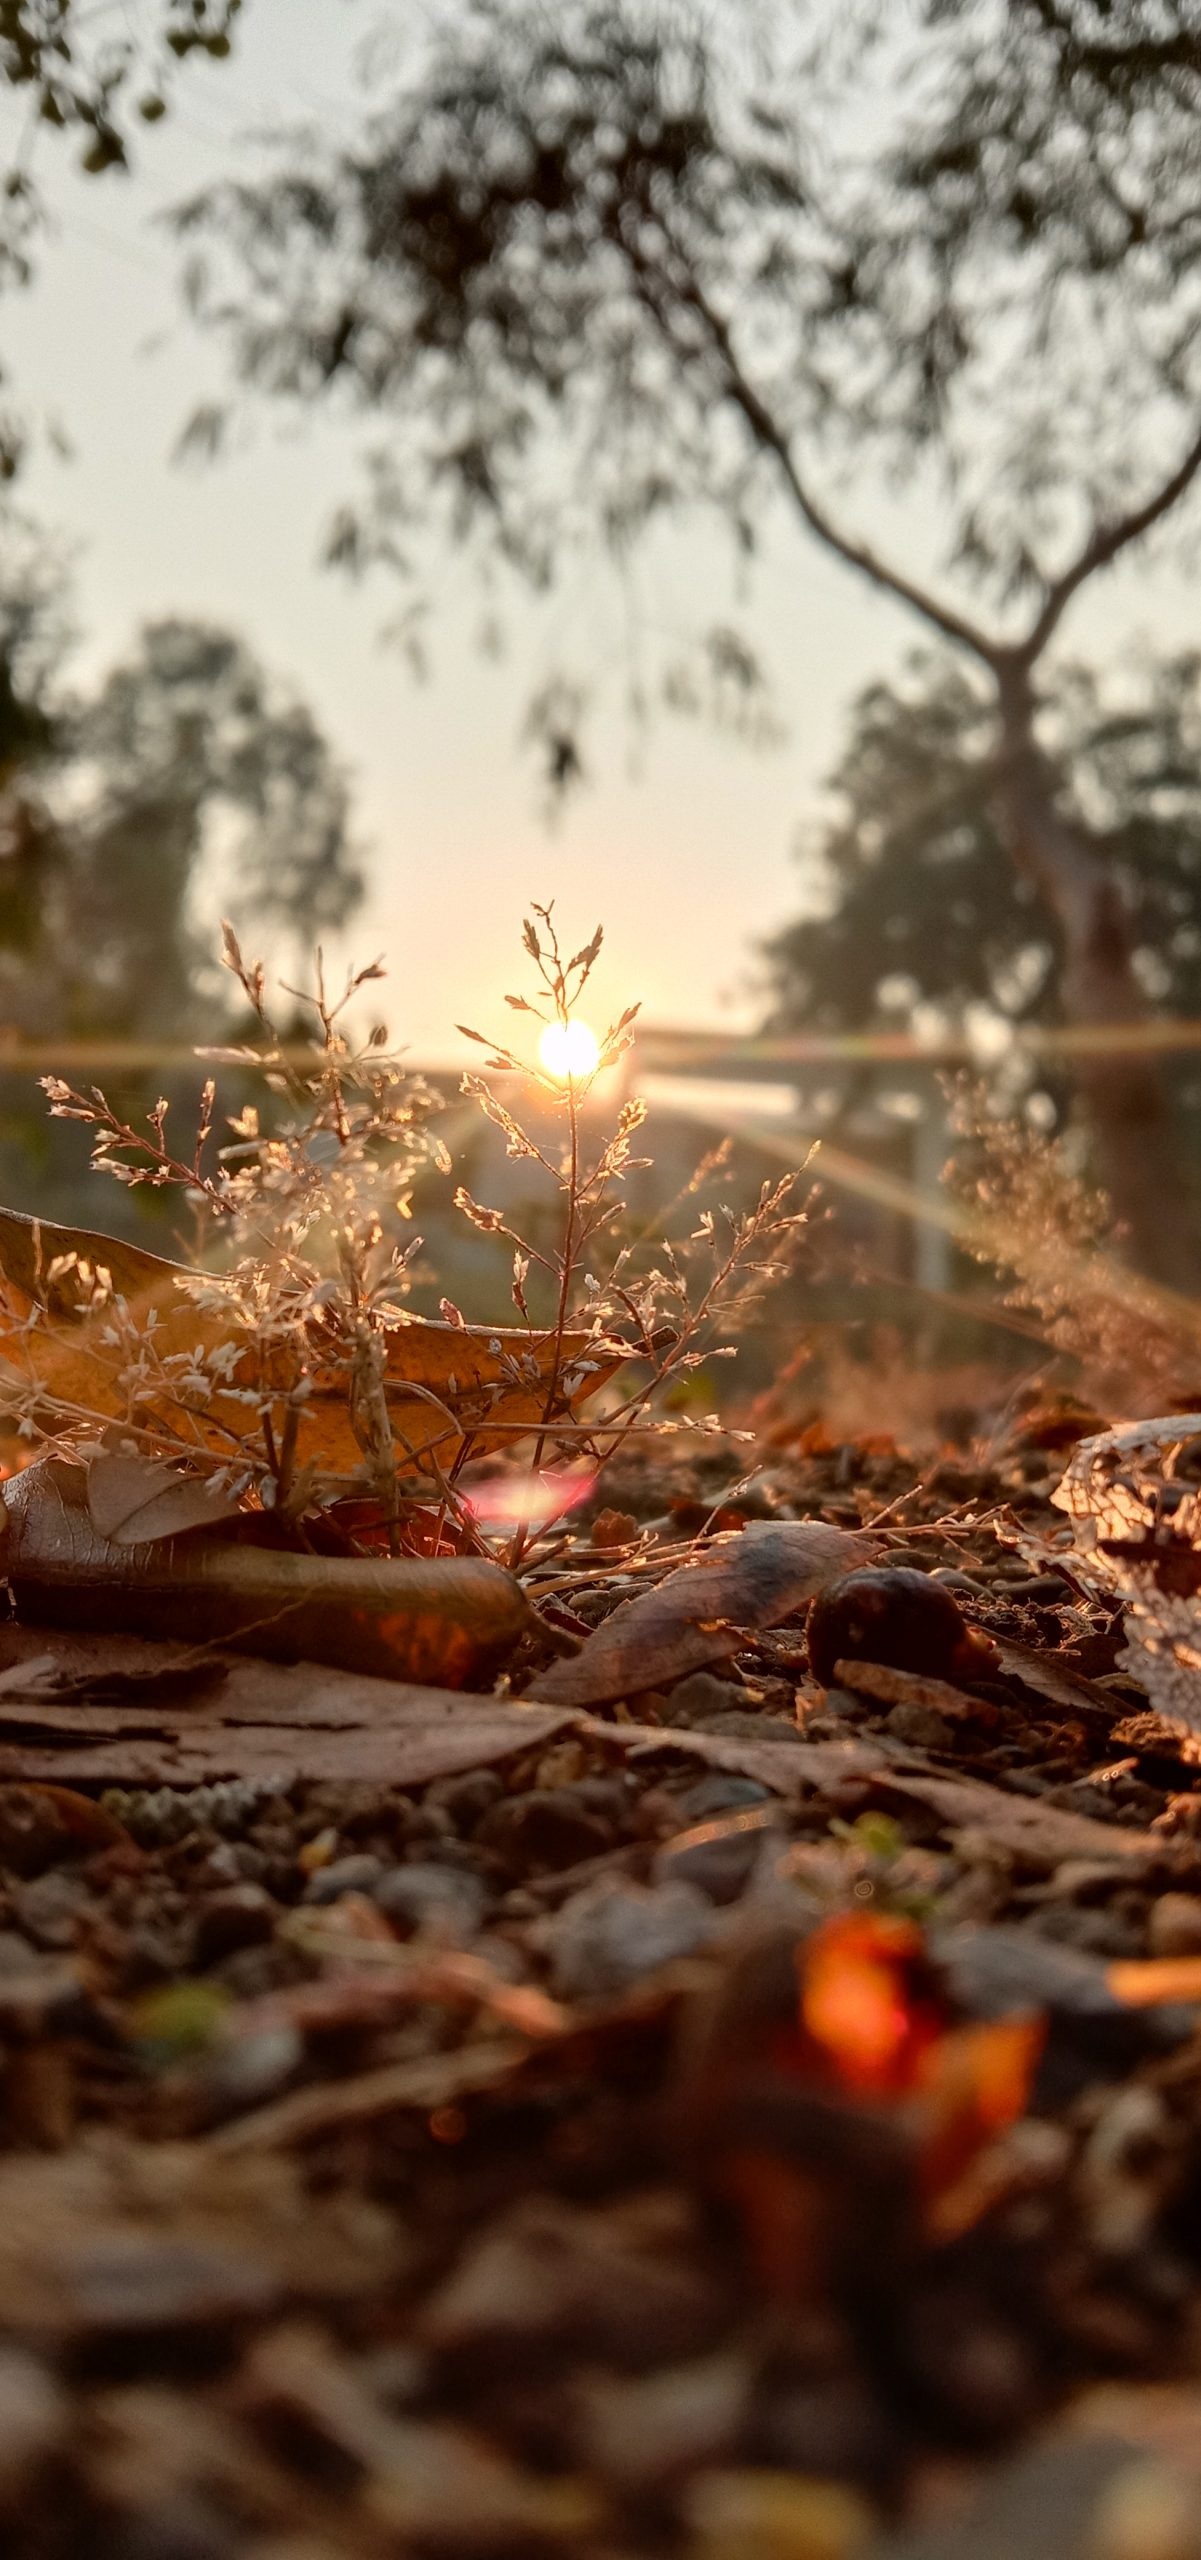 Sunrise in a jungle